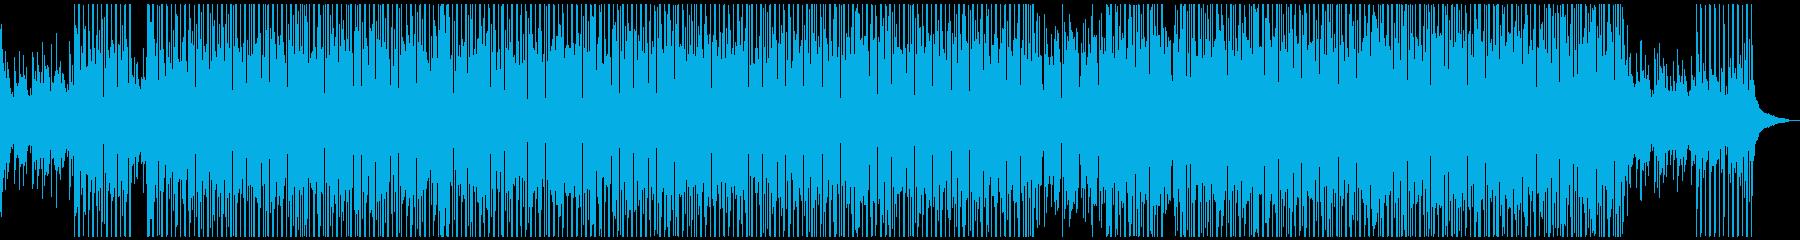 【メロディ無】夏をイメージしたトロピカルの再生済みの波形